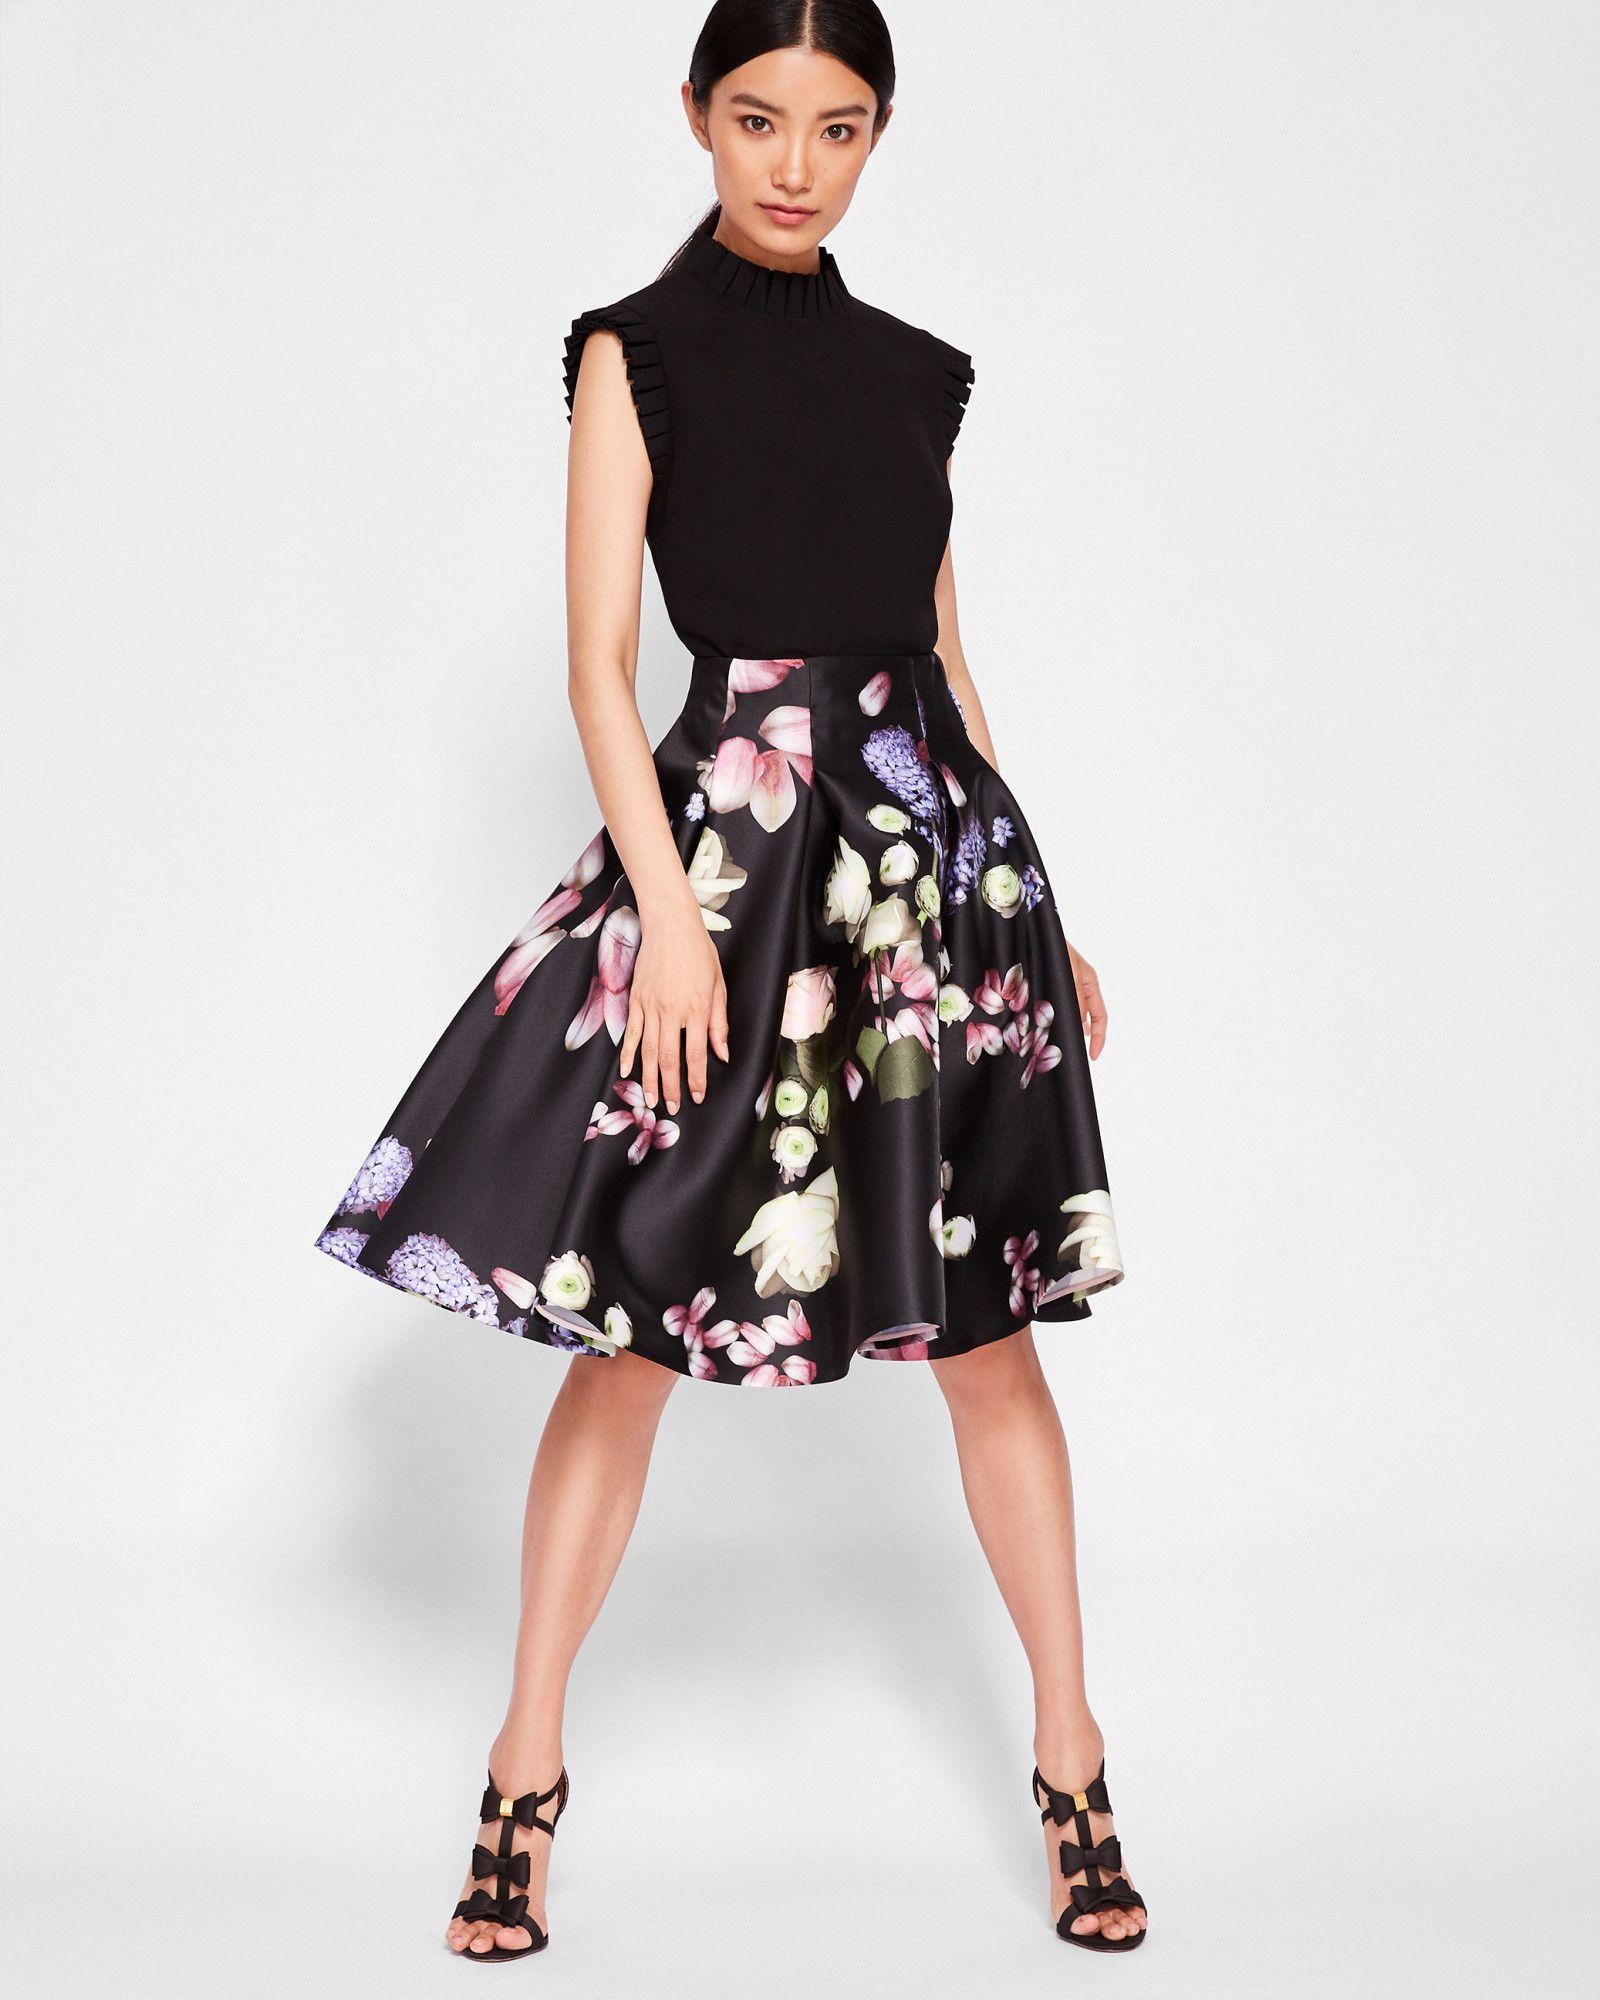 d63dea6979475f Kensington Floral full skirt - Black